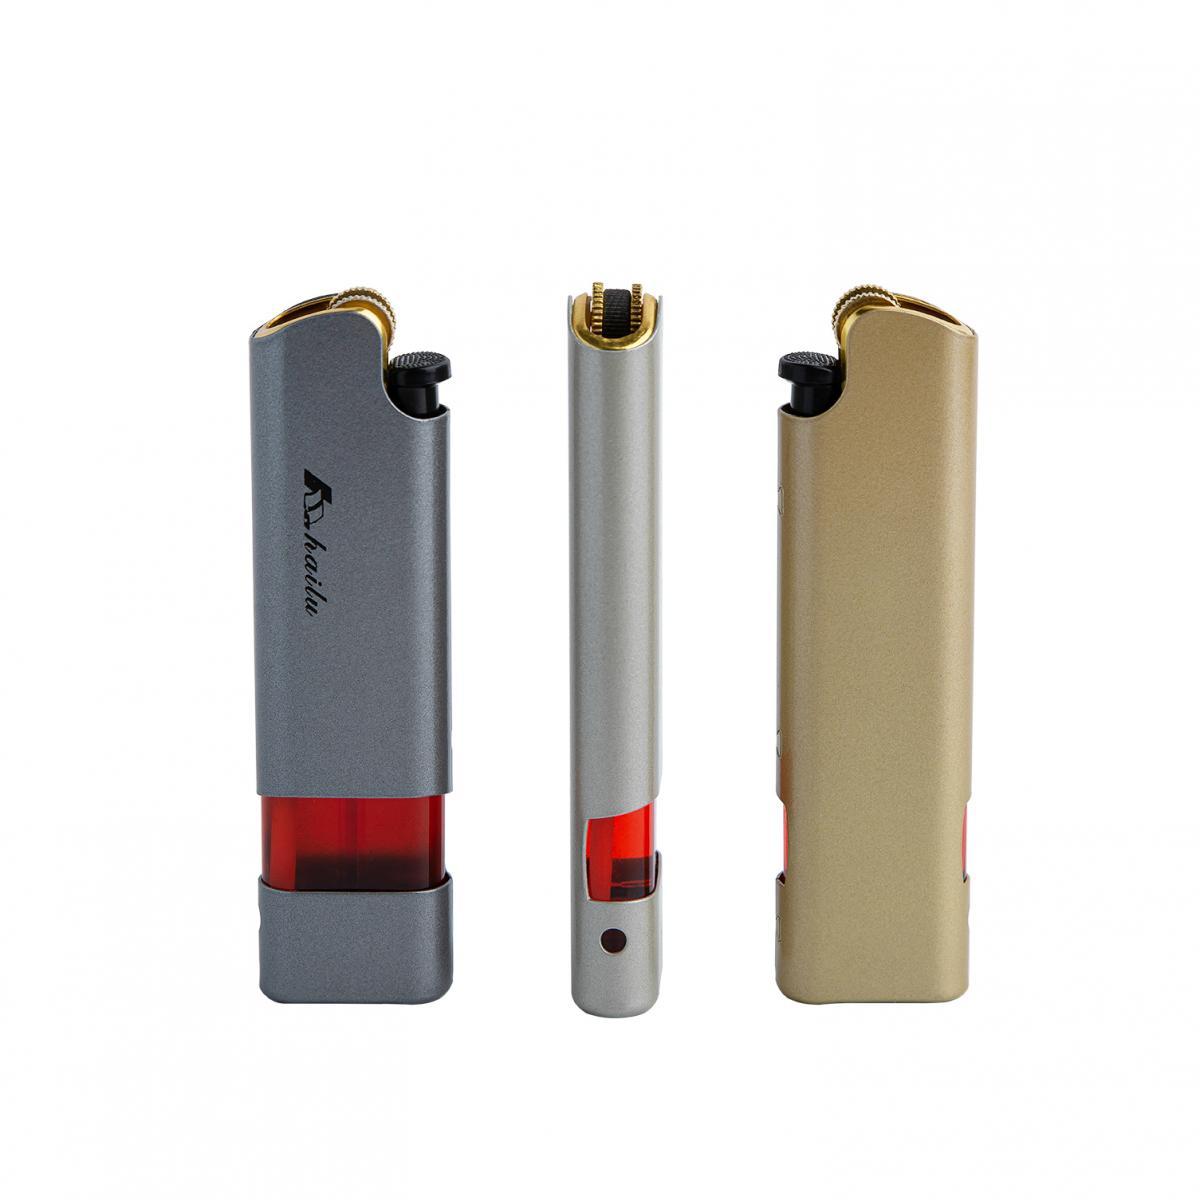 Зажигалки для сигарет купить в новосибирске купить электронную сигарету тюмень дешево